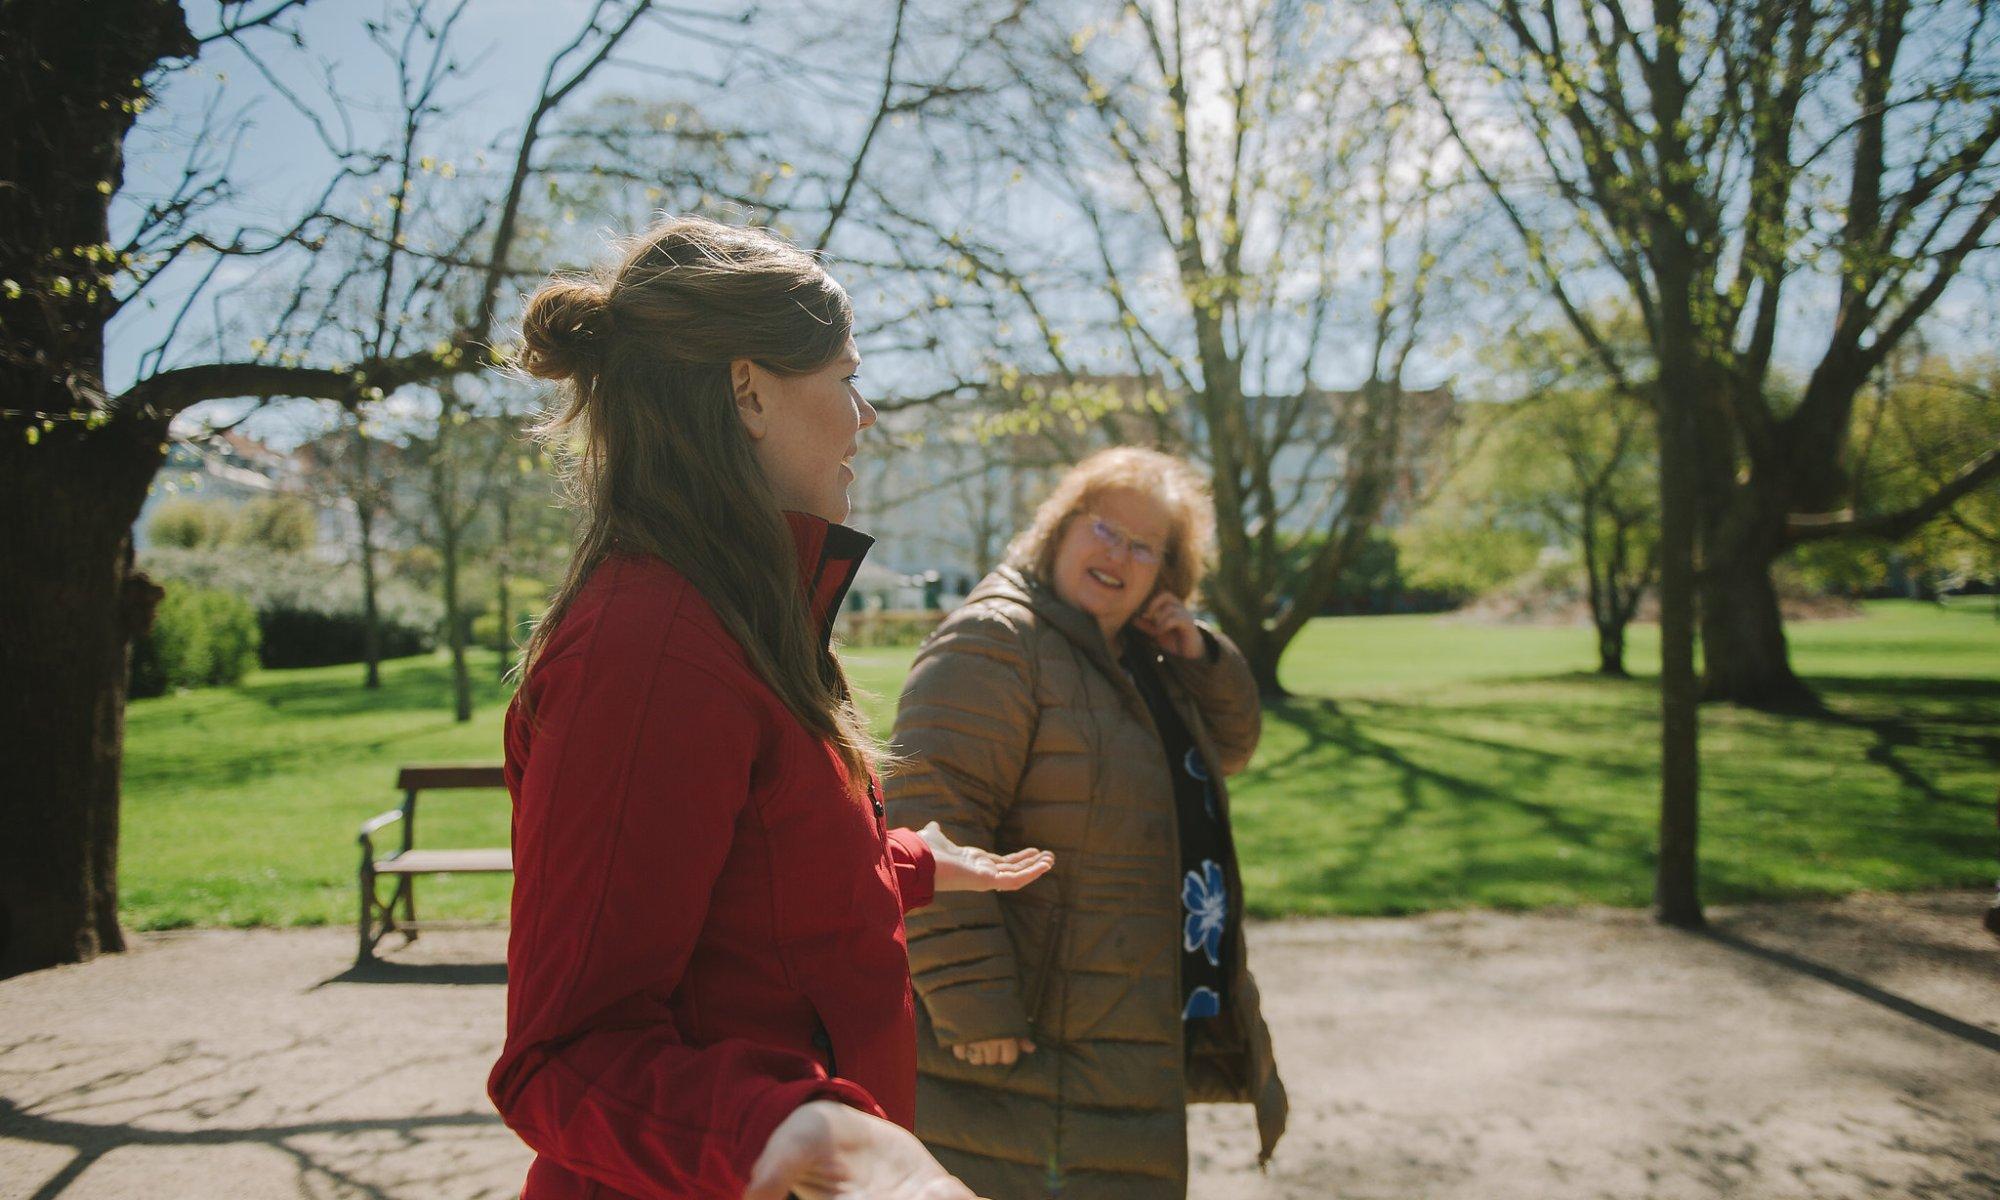 Explore Copenhagen on a private walking tour